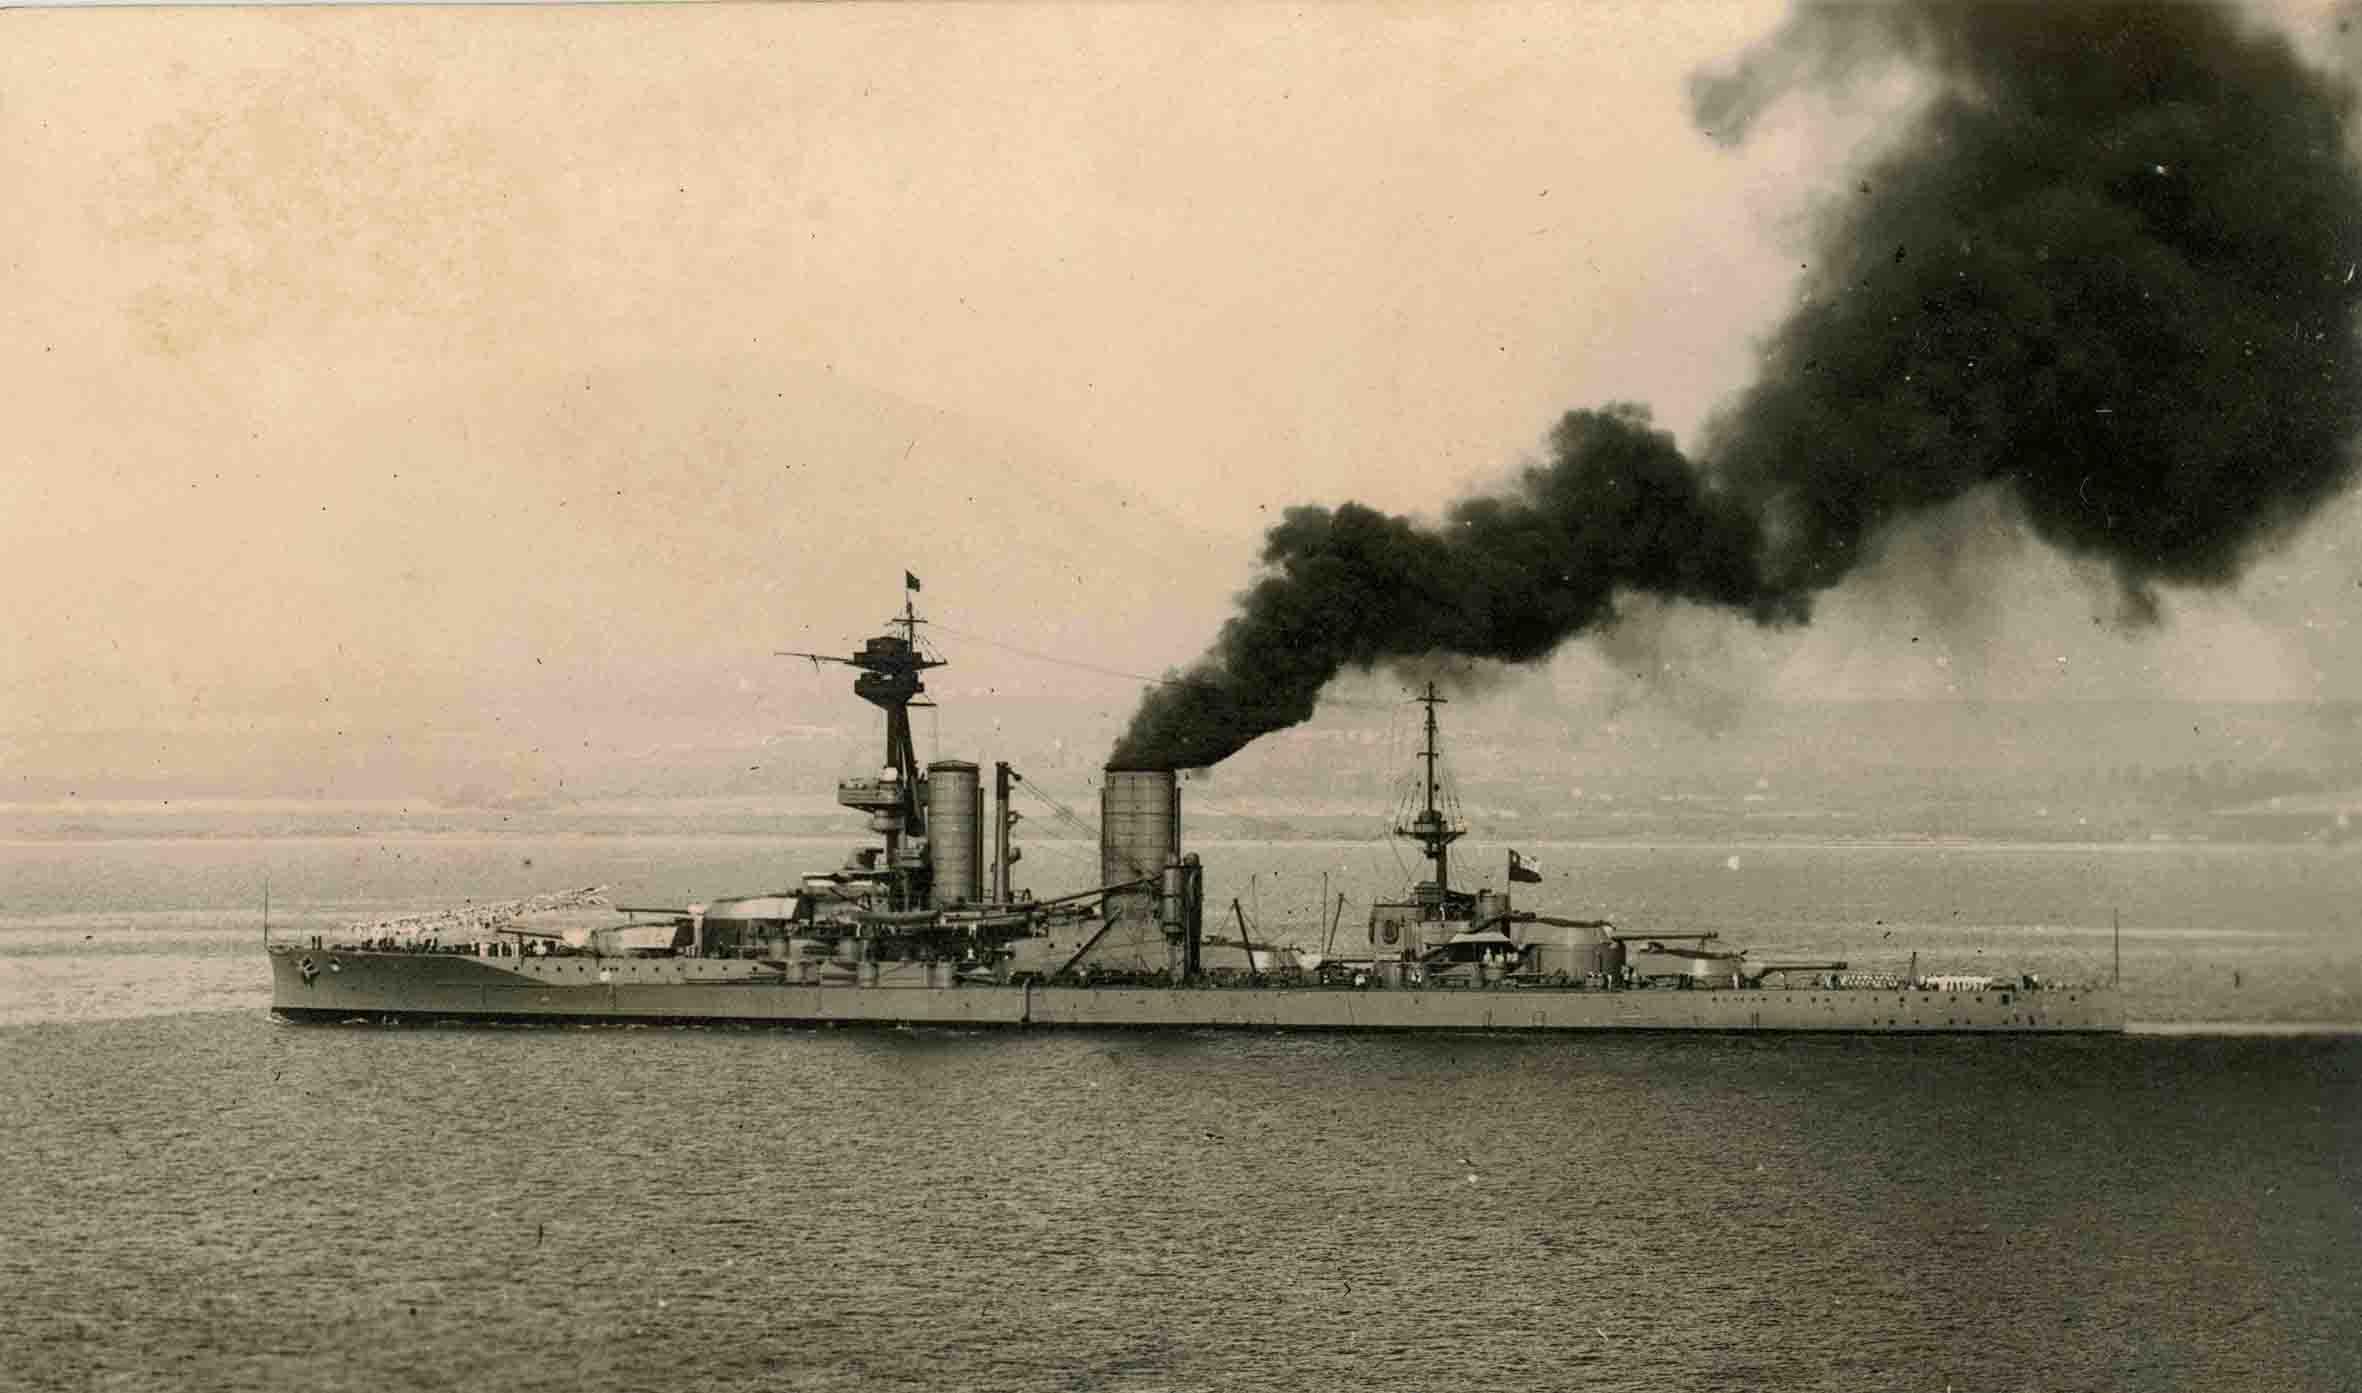 Enterreno - Fotos históricas de chile - fotos antiguas de Chile - Acorazado Almirante Latorre ca. 1930